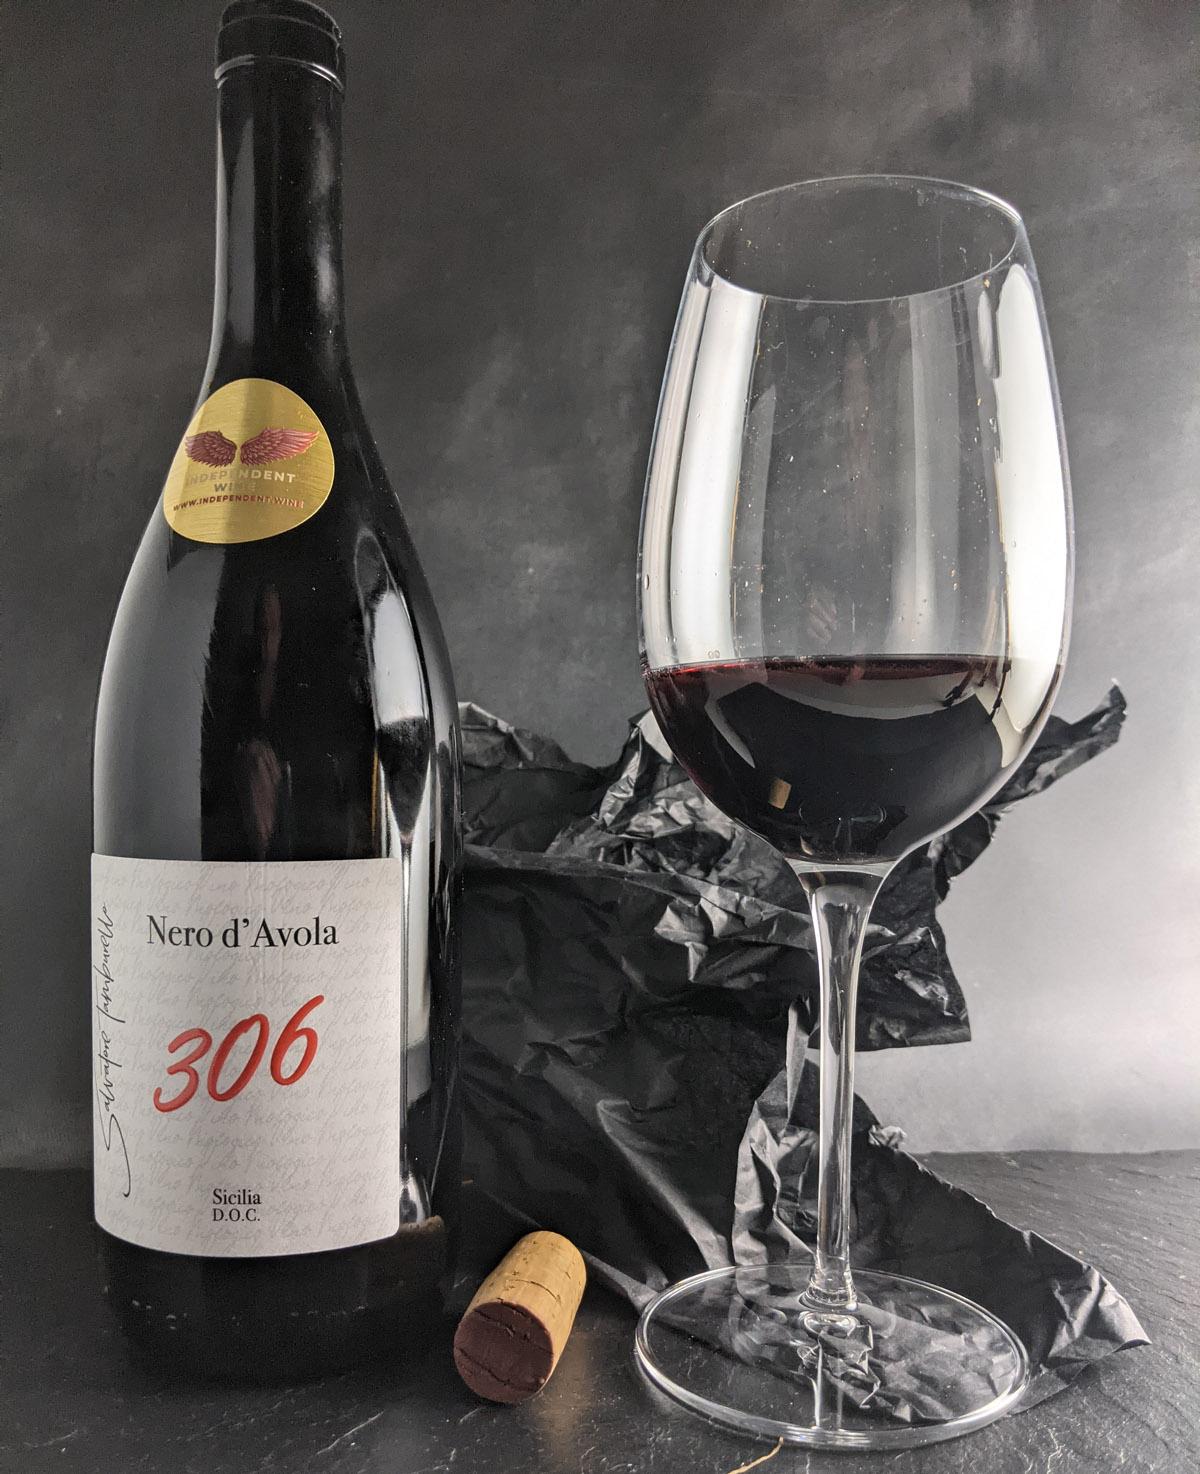 nero d'avola 306 Sicily